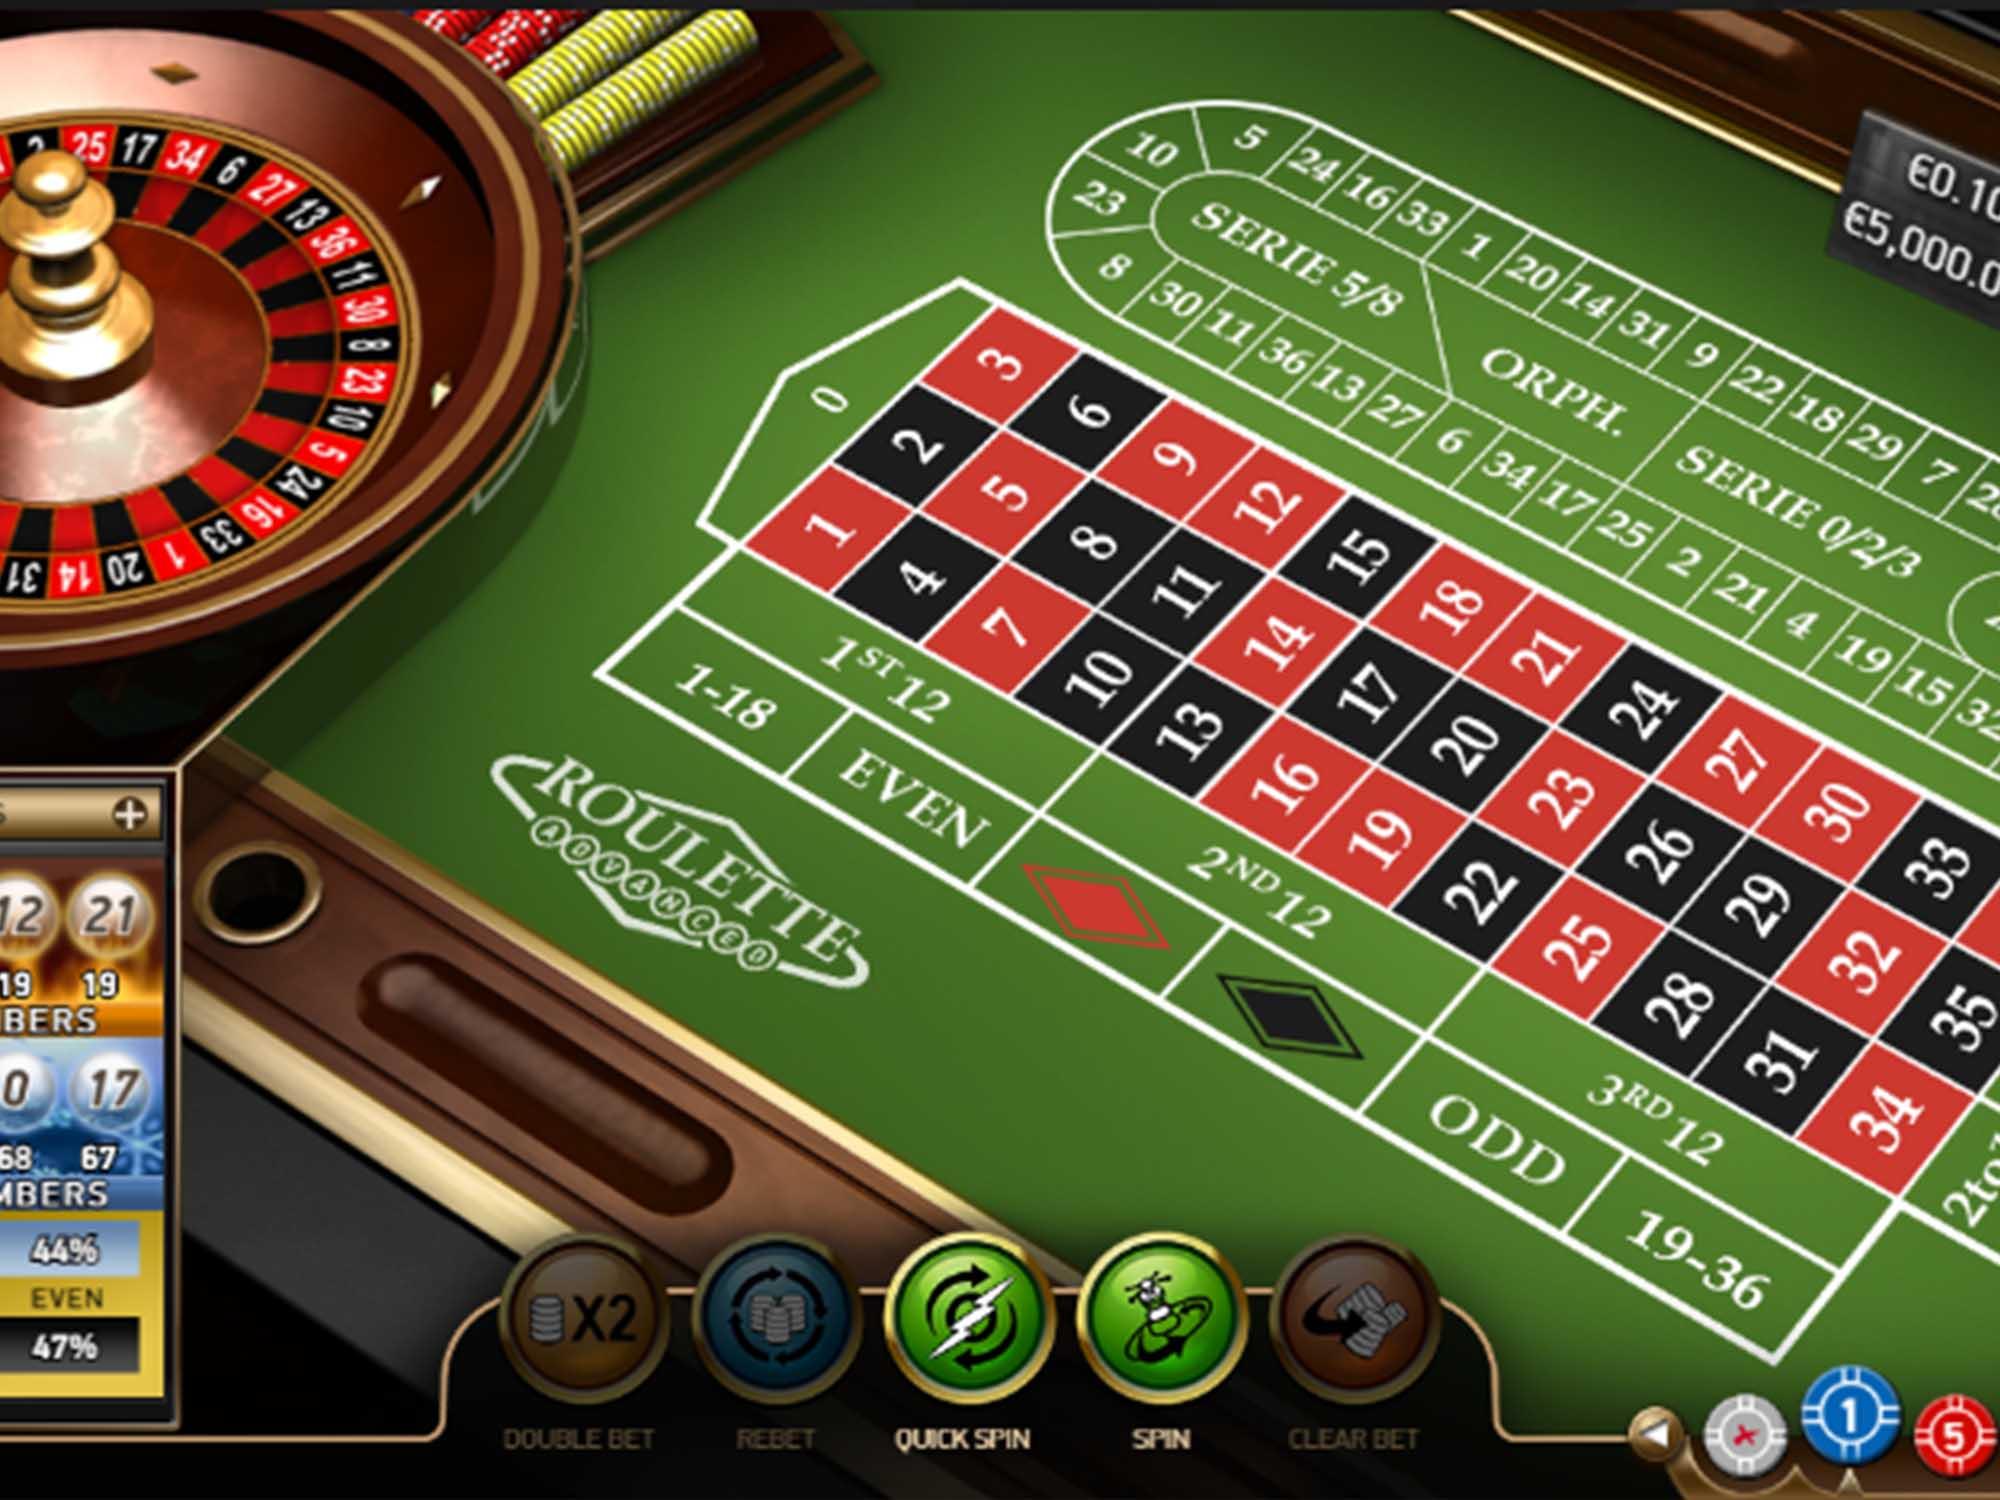 Wsop 888 poker